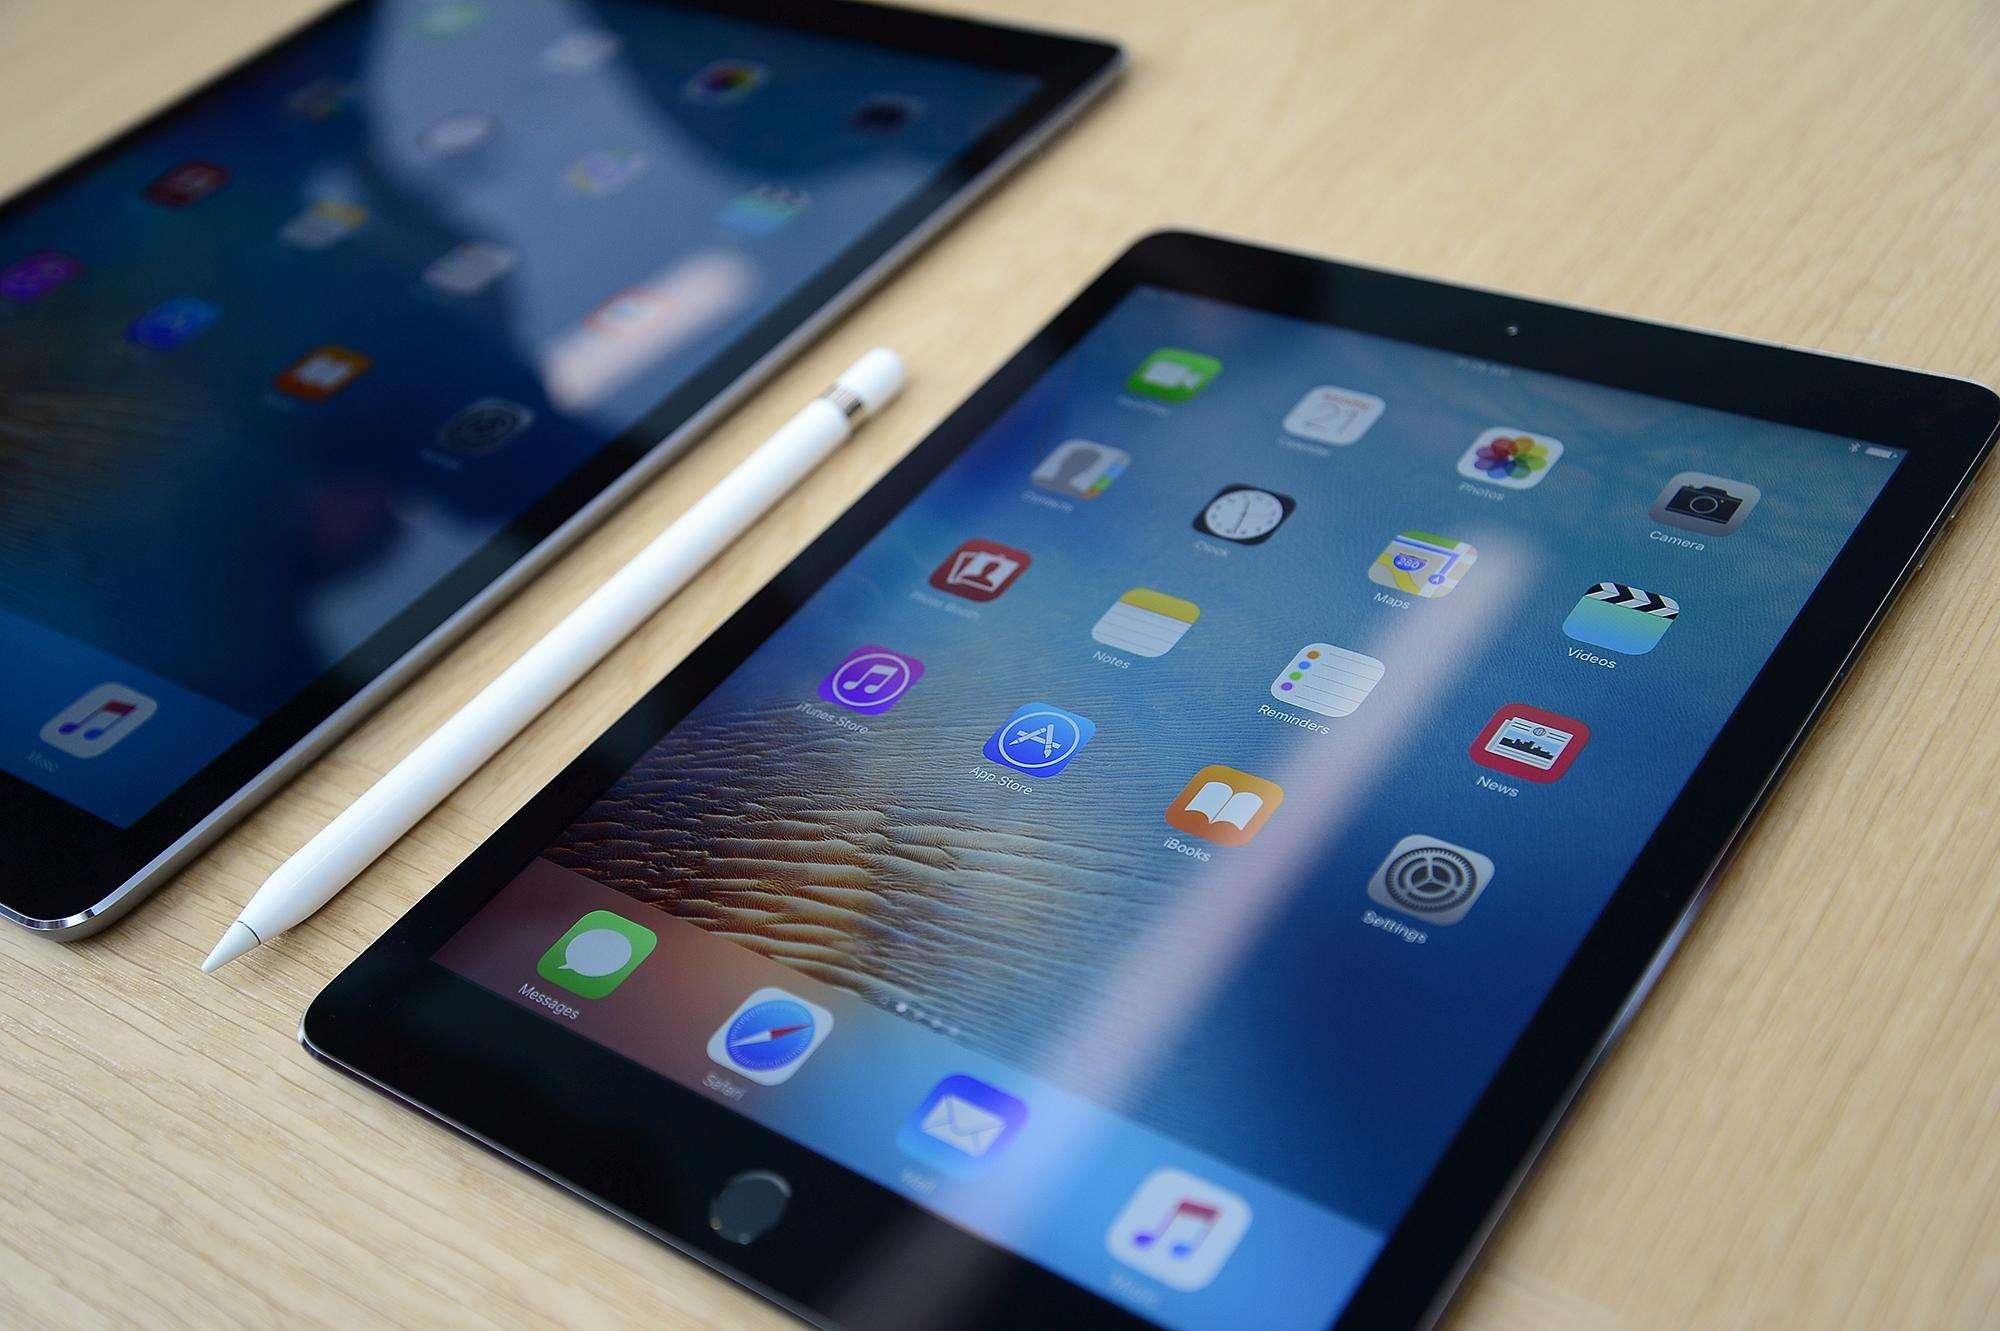 """IPAD 12.9""""平板电脑模型 苹果平板电脑模型 10"""